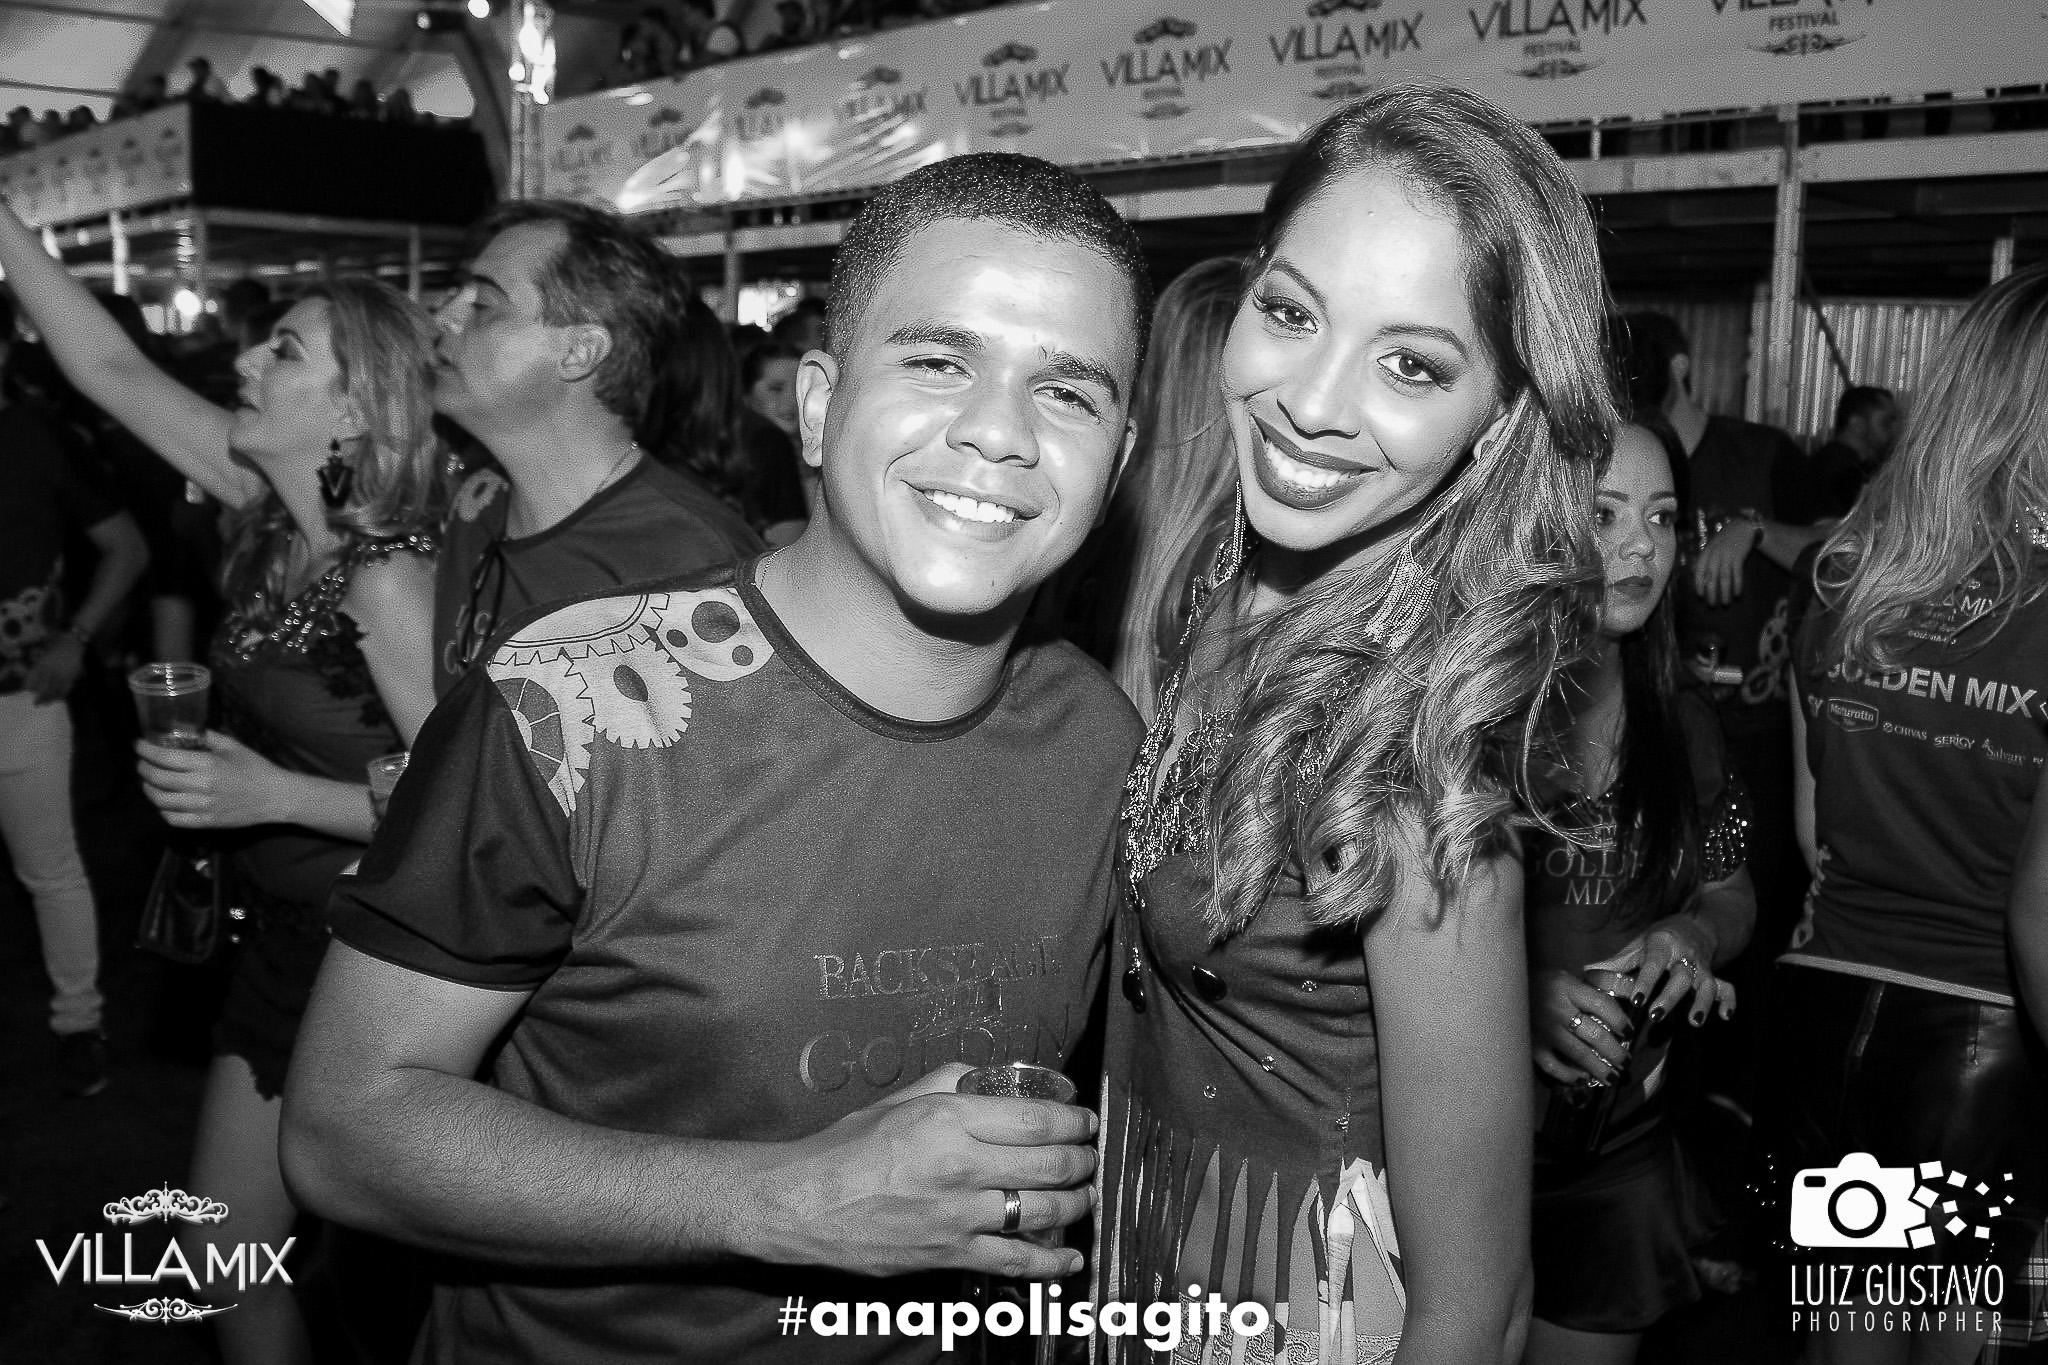 Luiz Gustavo Photographer (144 de 327)